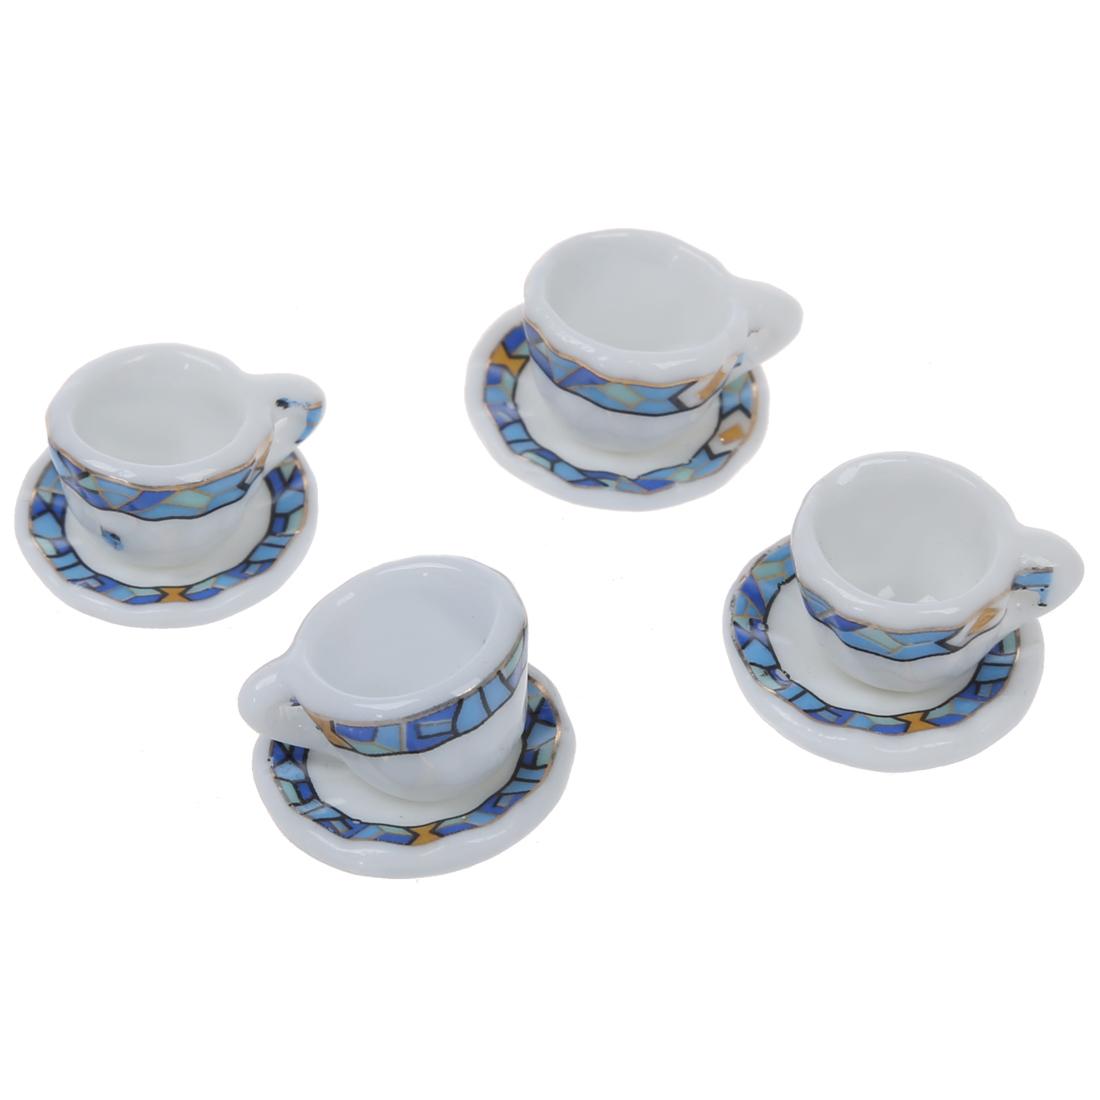 15 stueck miniatur puppenhaus geschirr porzellan tee set. Black Bedroom Furniture Sets. Home Design Ideas